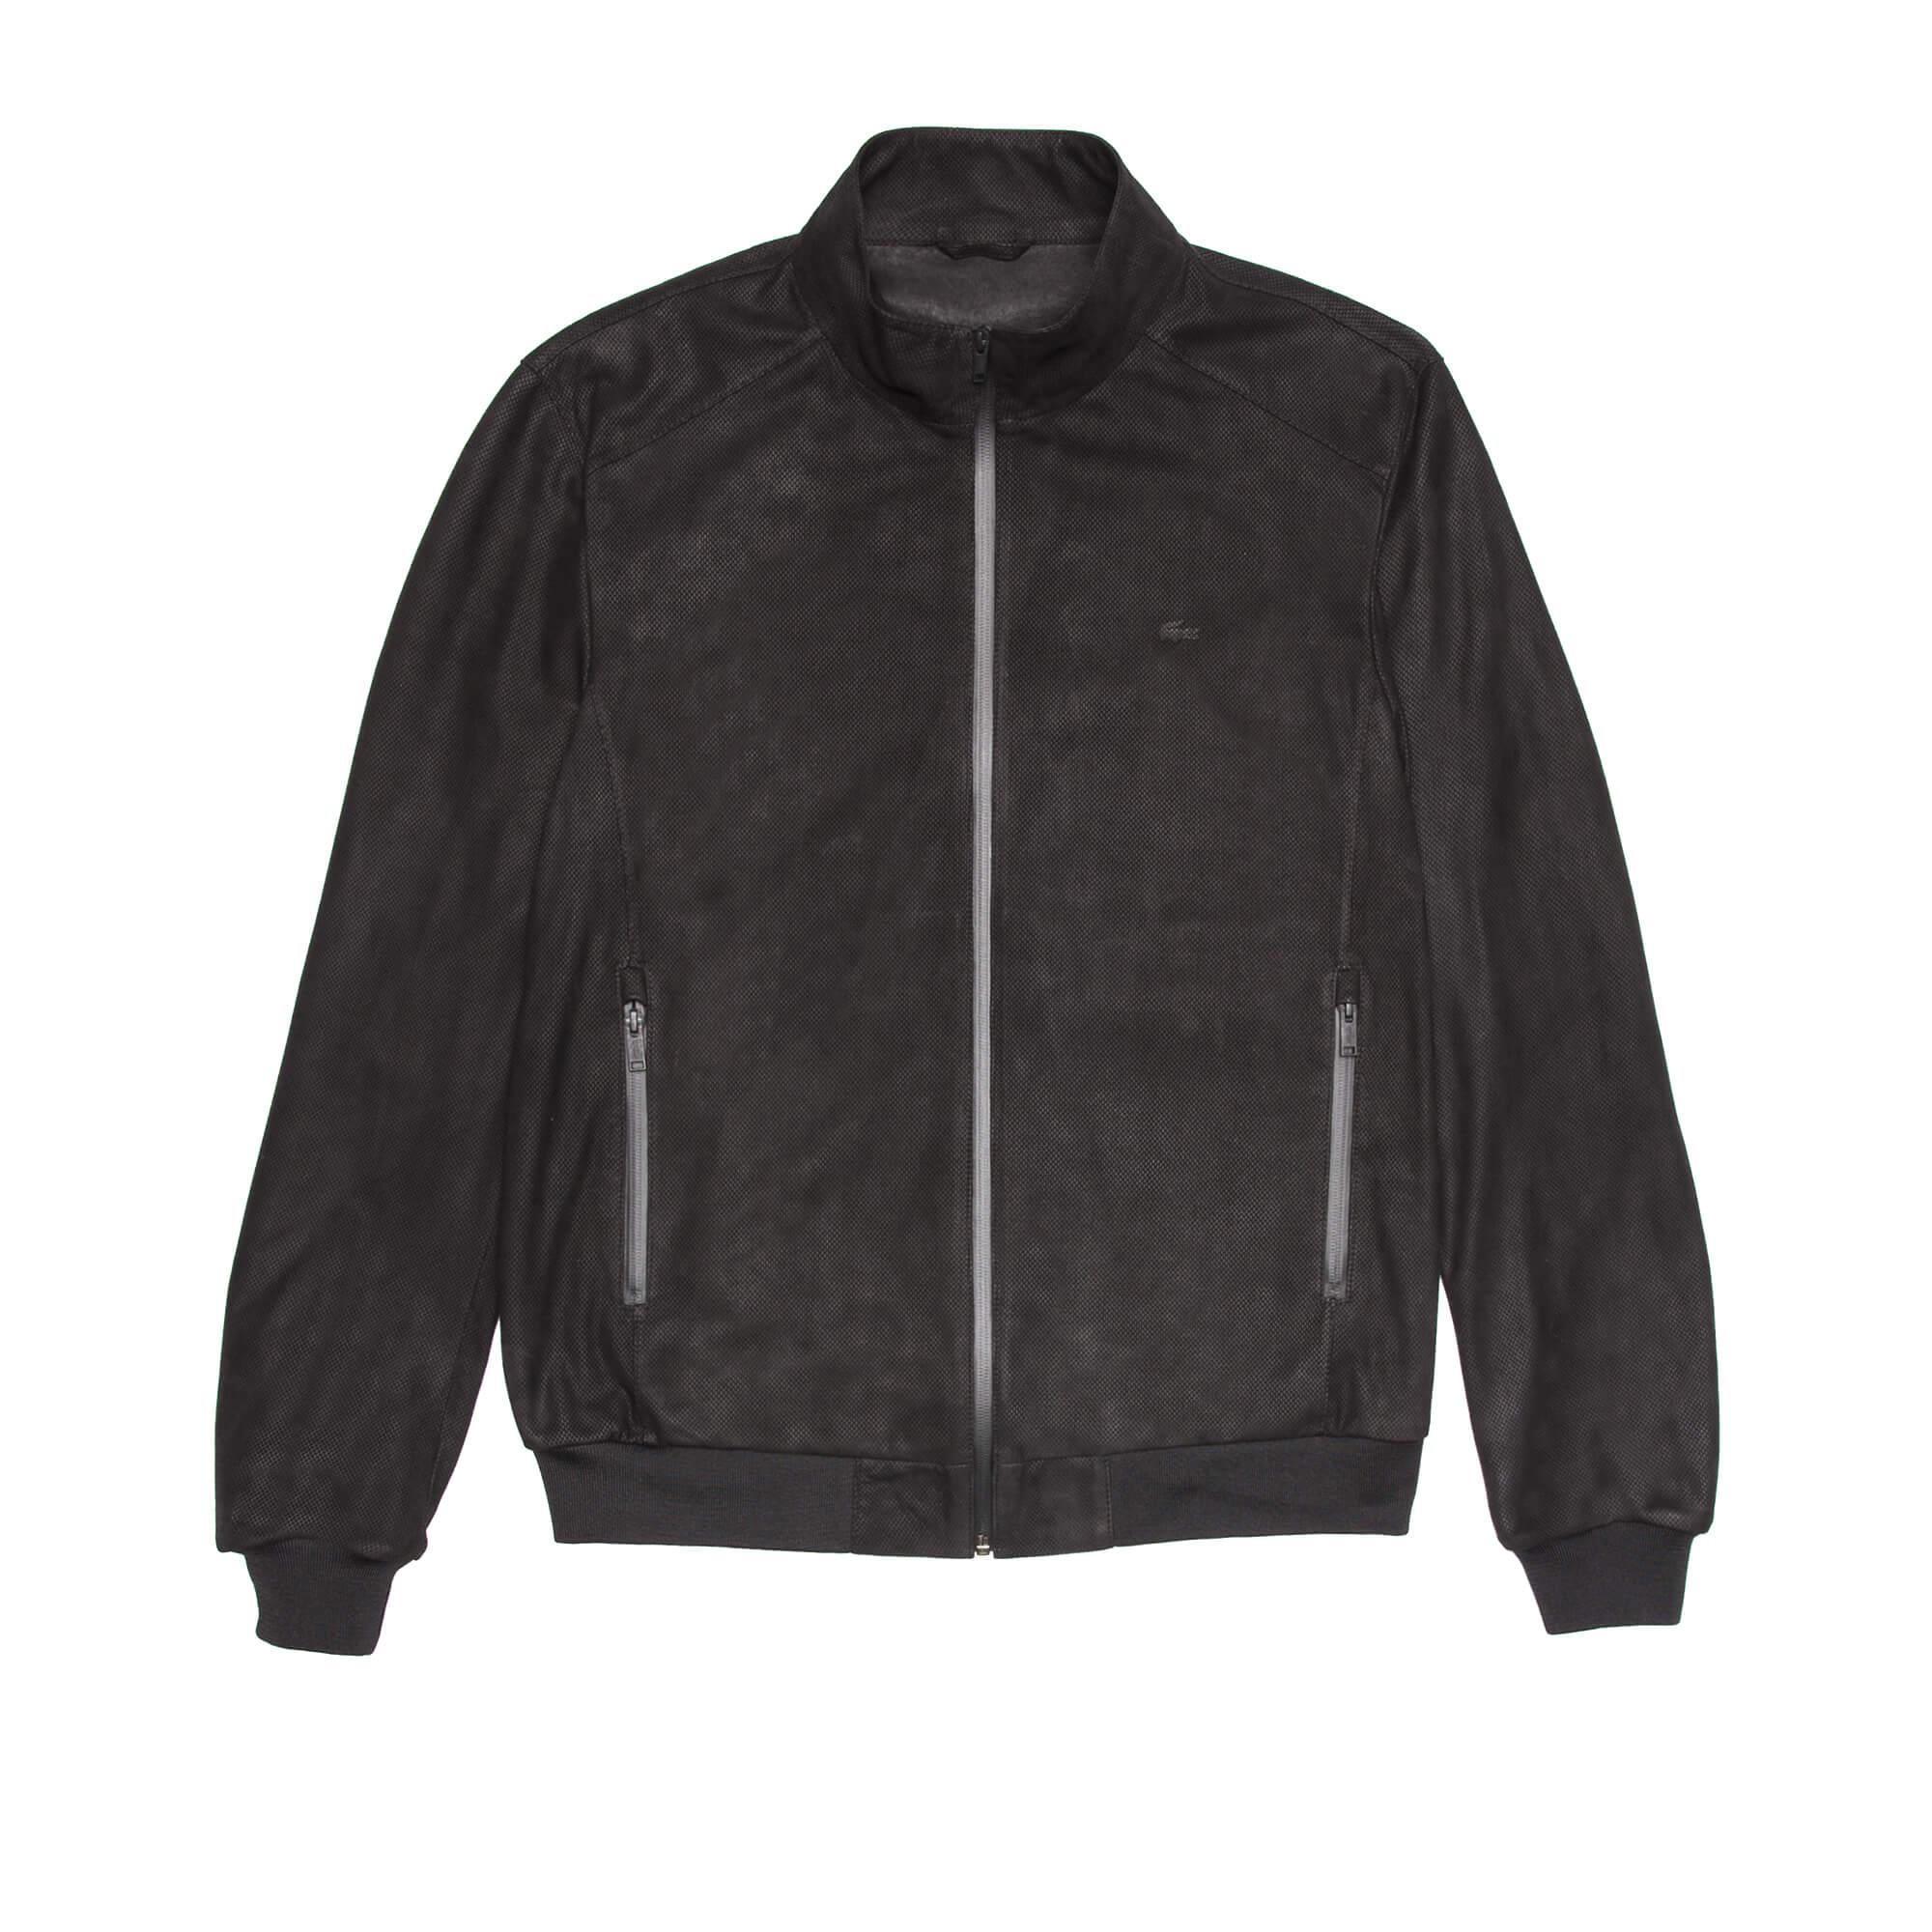 Lacoste Men's Jackets